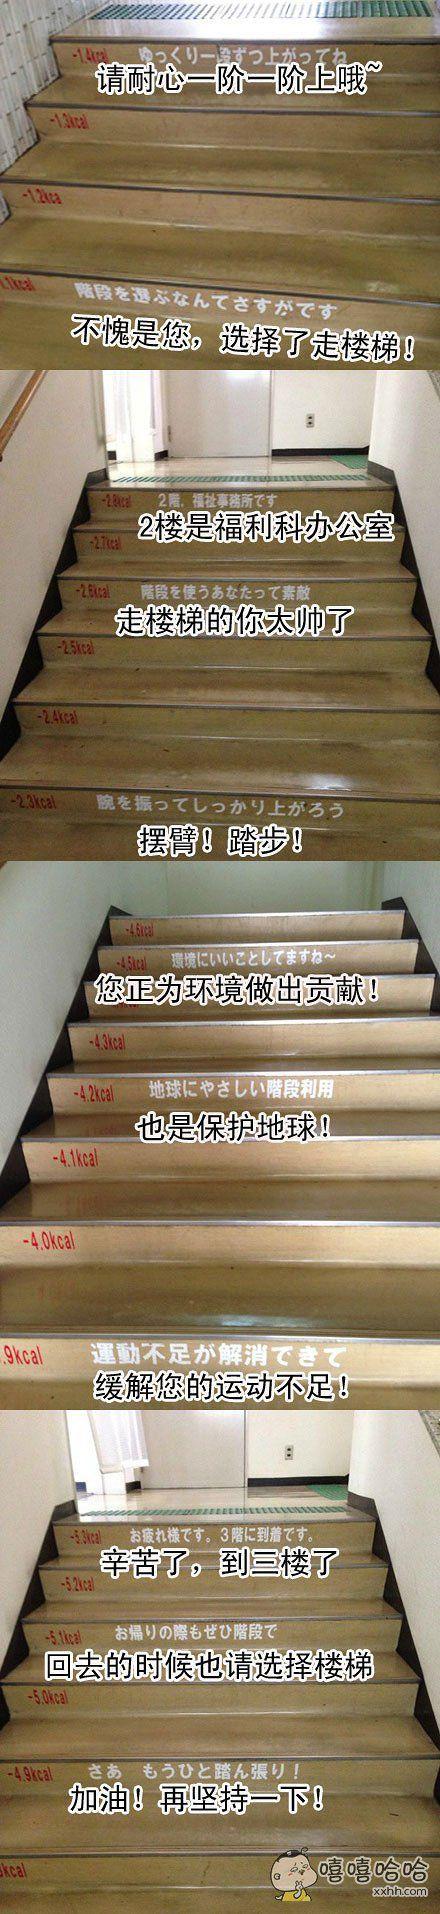 京都区政府为了让来访市民多走楼梯,涂上了这样的标语,还附有消耗卡路里数值……夸成这样也是让人脸红